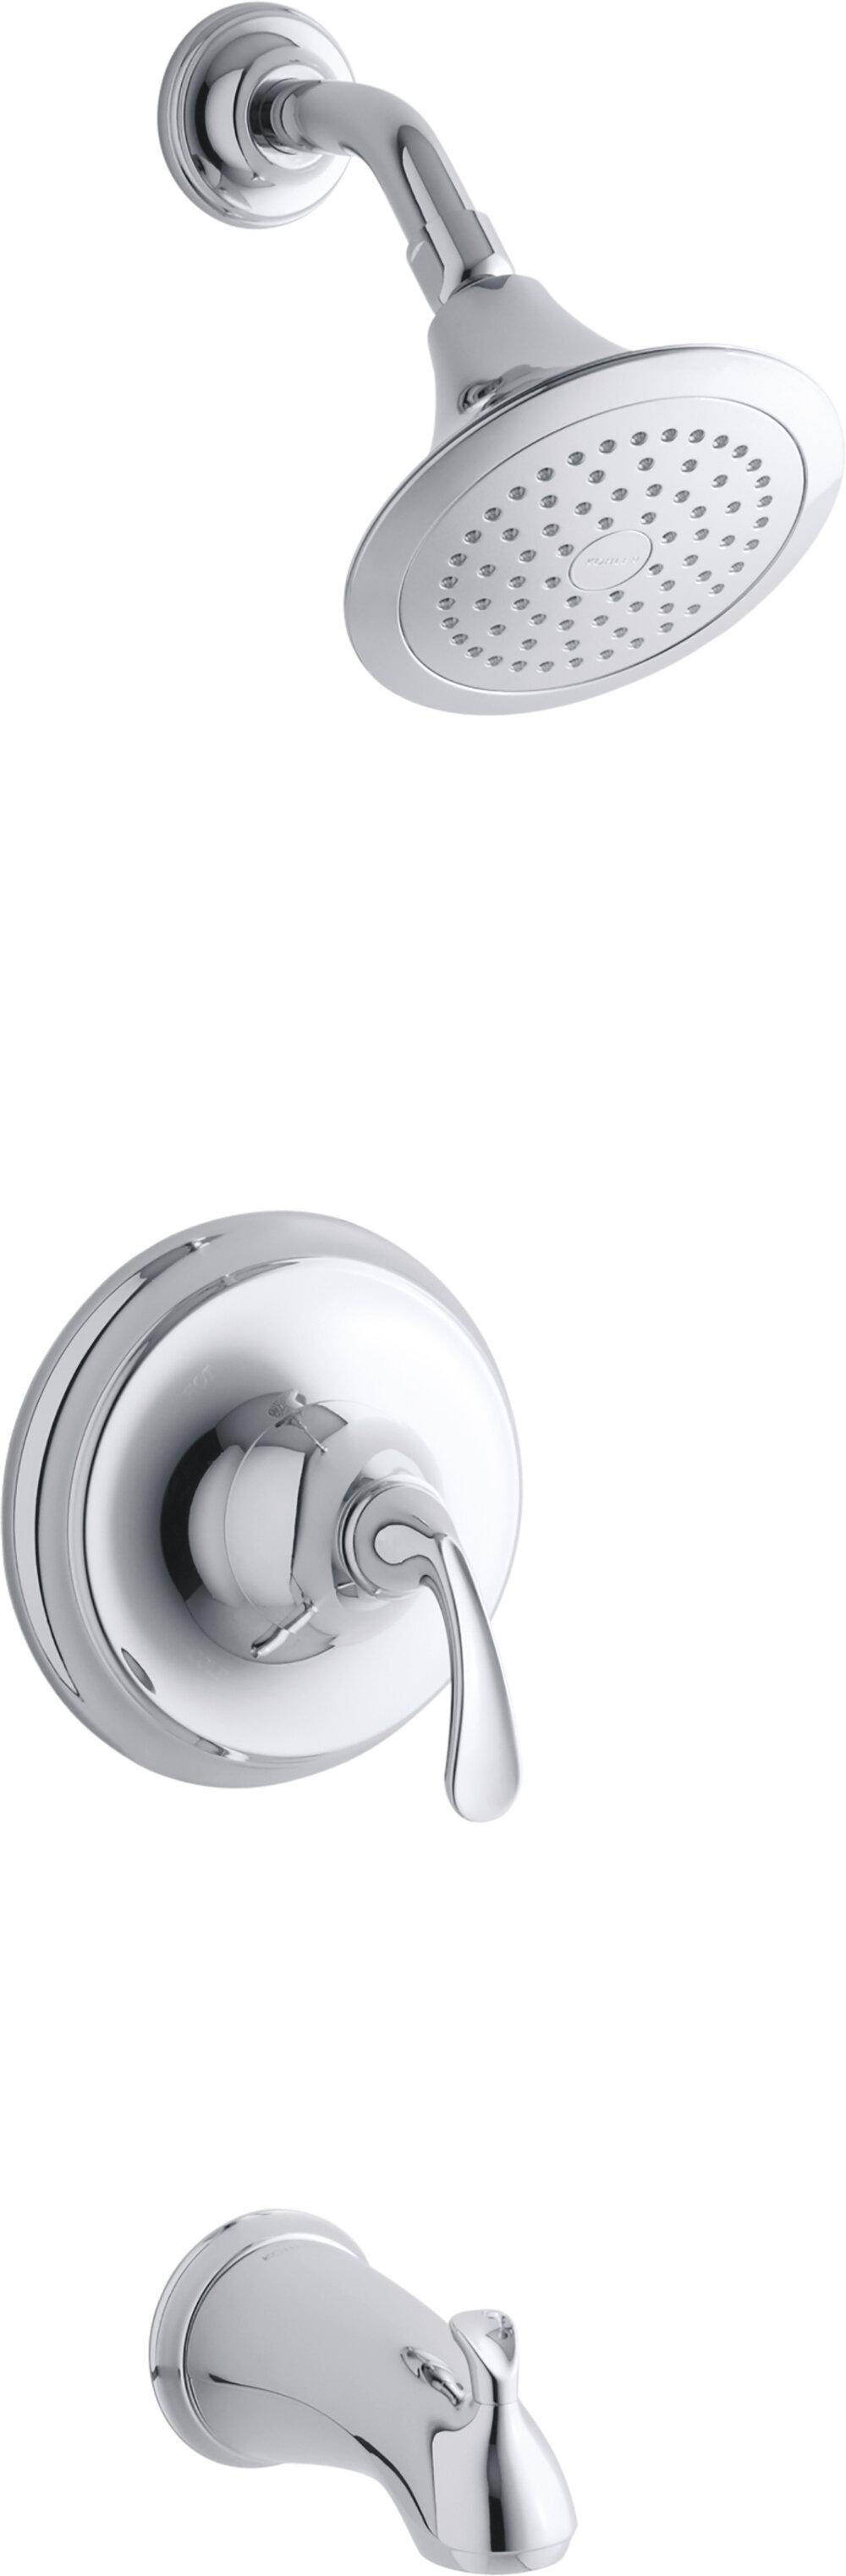 Faucet Parts Kohler Ts10275 4 Cp K Ts10275 4 Cp Forte